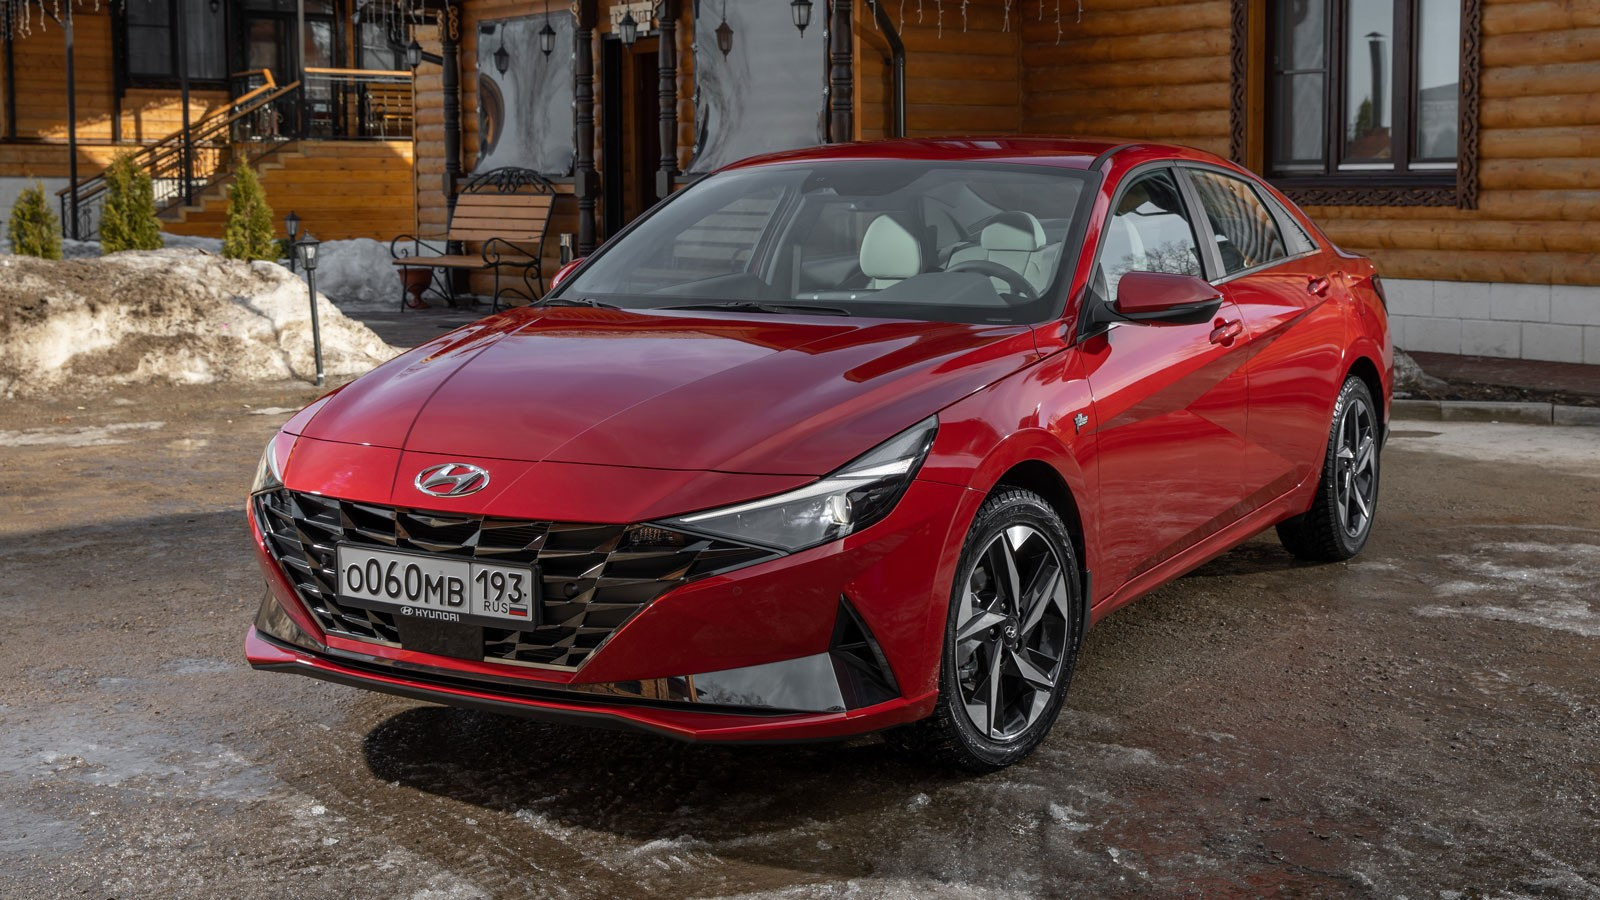 Дерзкий стиль, скучный мотор и разнобой передней и задней подвесок: тест Hyundai Elantra 7